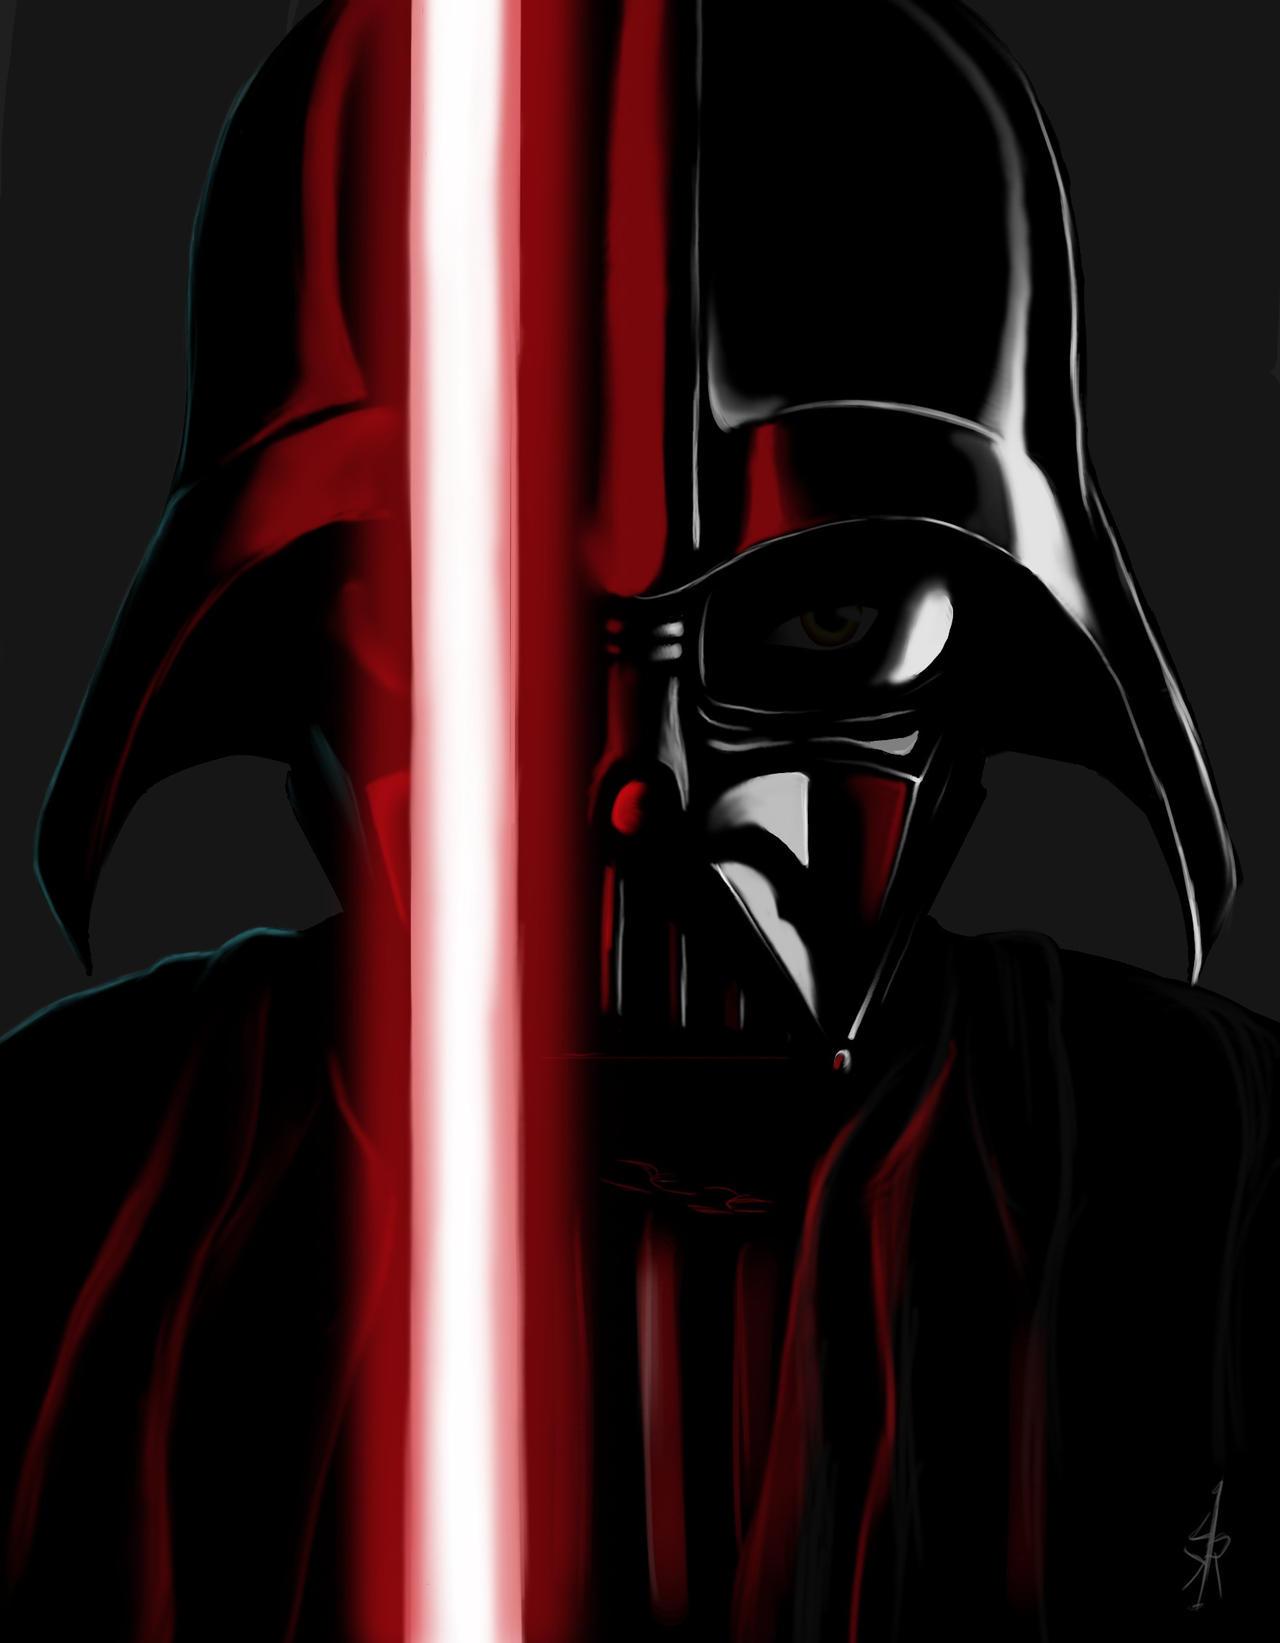 Darth Vader by Raikoh-illust